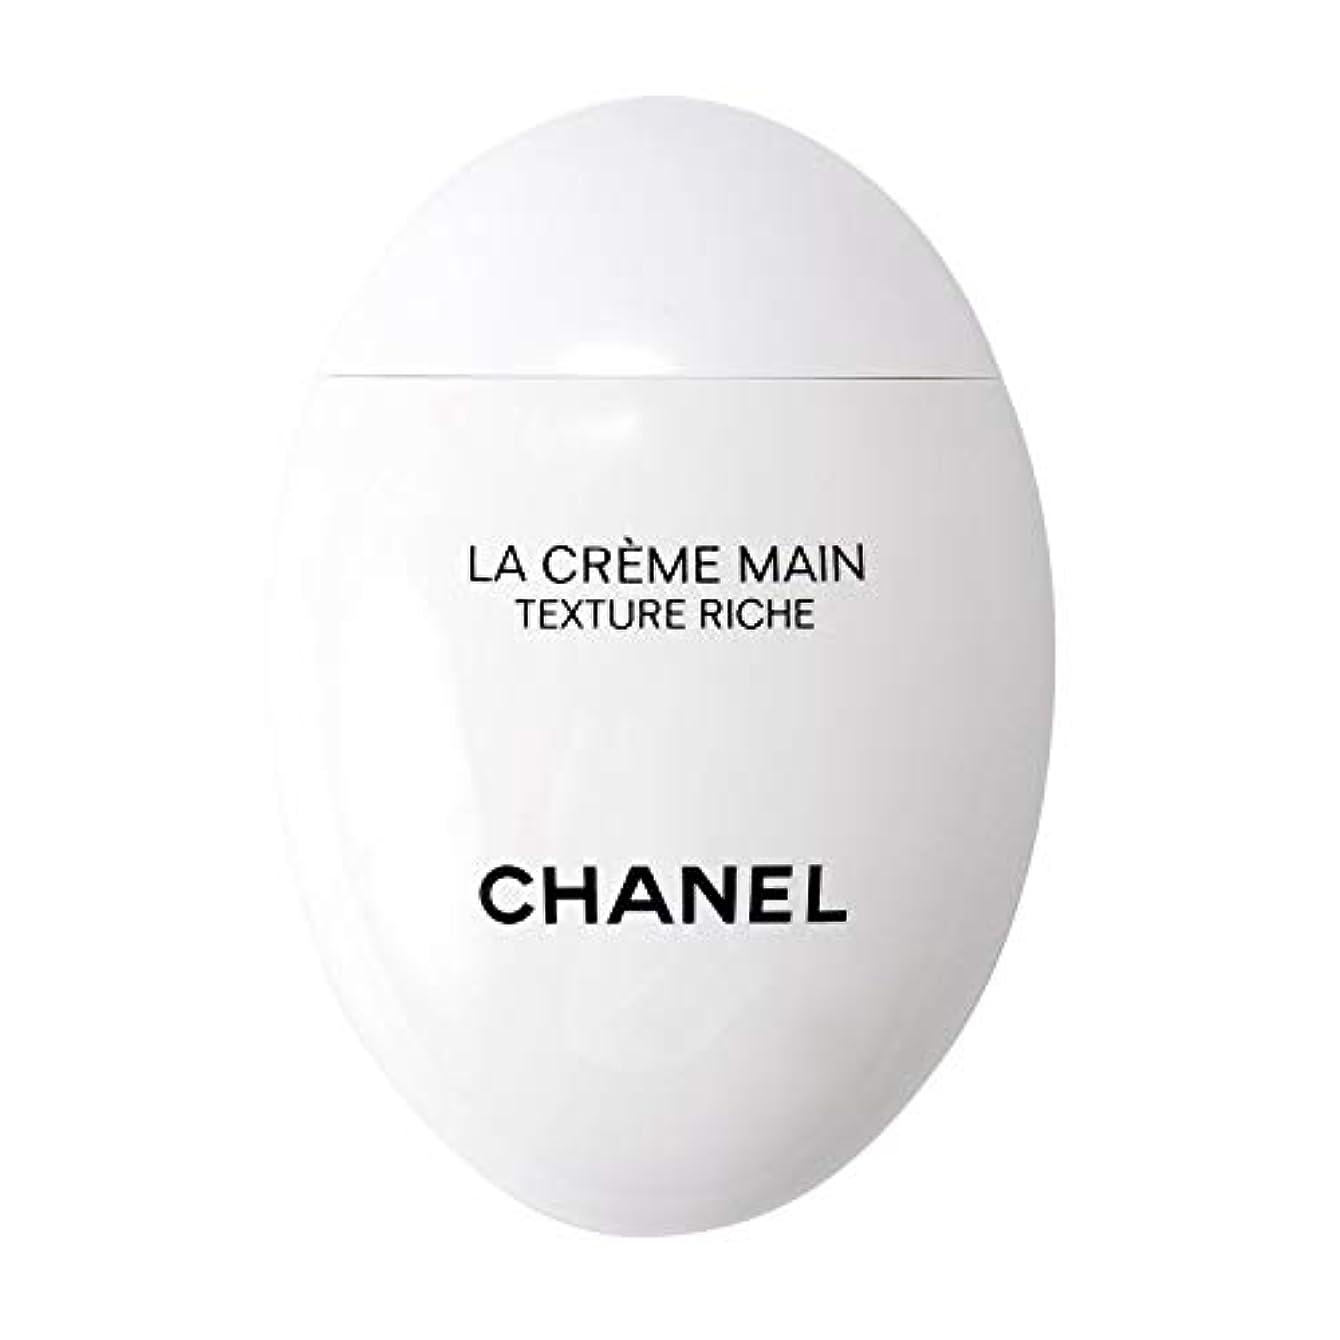 ブルジョン会議ボア[ギフトラッピング] シャネル CHANEL ハンドクリーム 50ml ラ クレーム マン ショップバッグ付き (50ml)